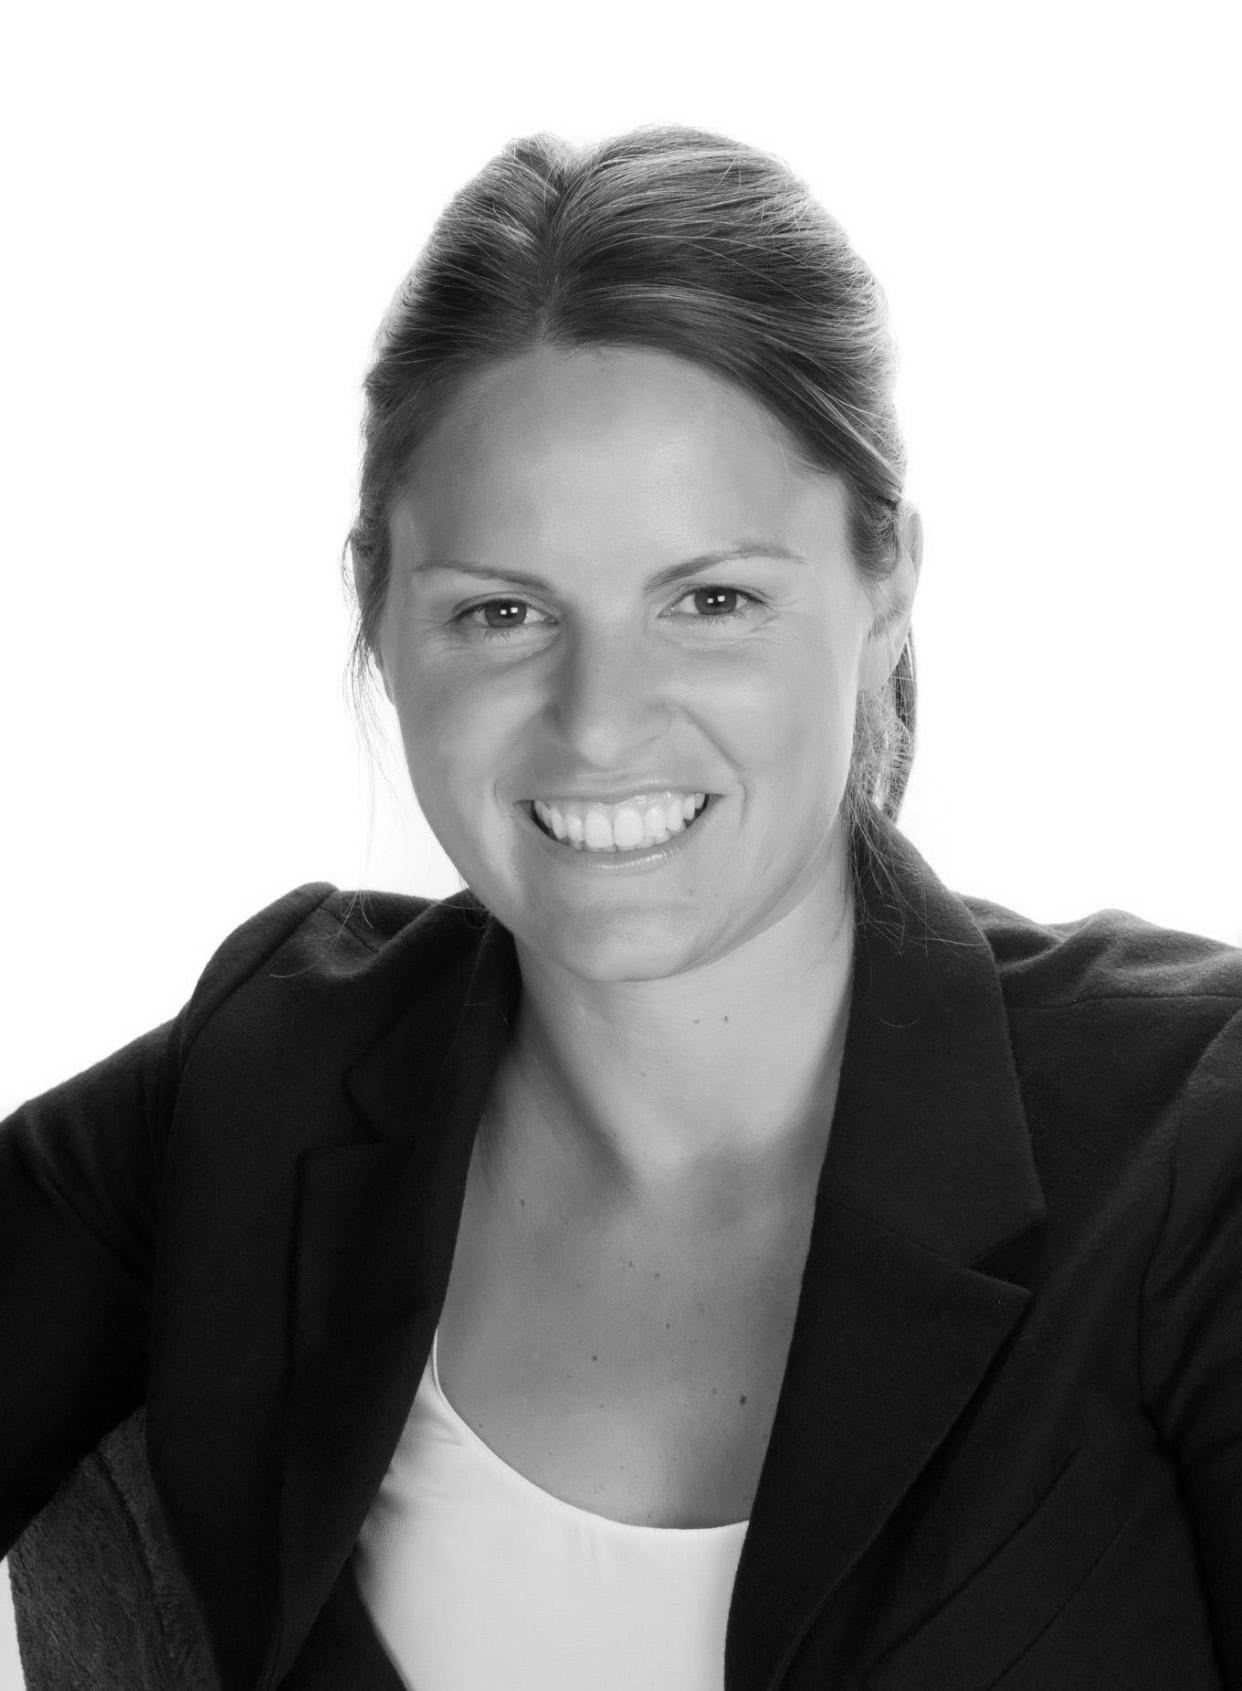 Allison Chapleau San Francisco's Multi-Unit Real Estate Agent